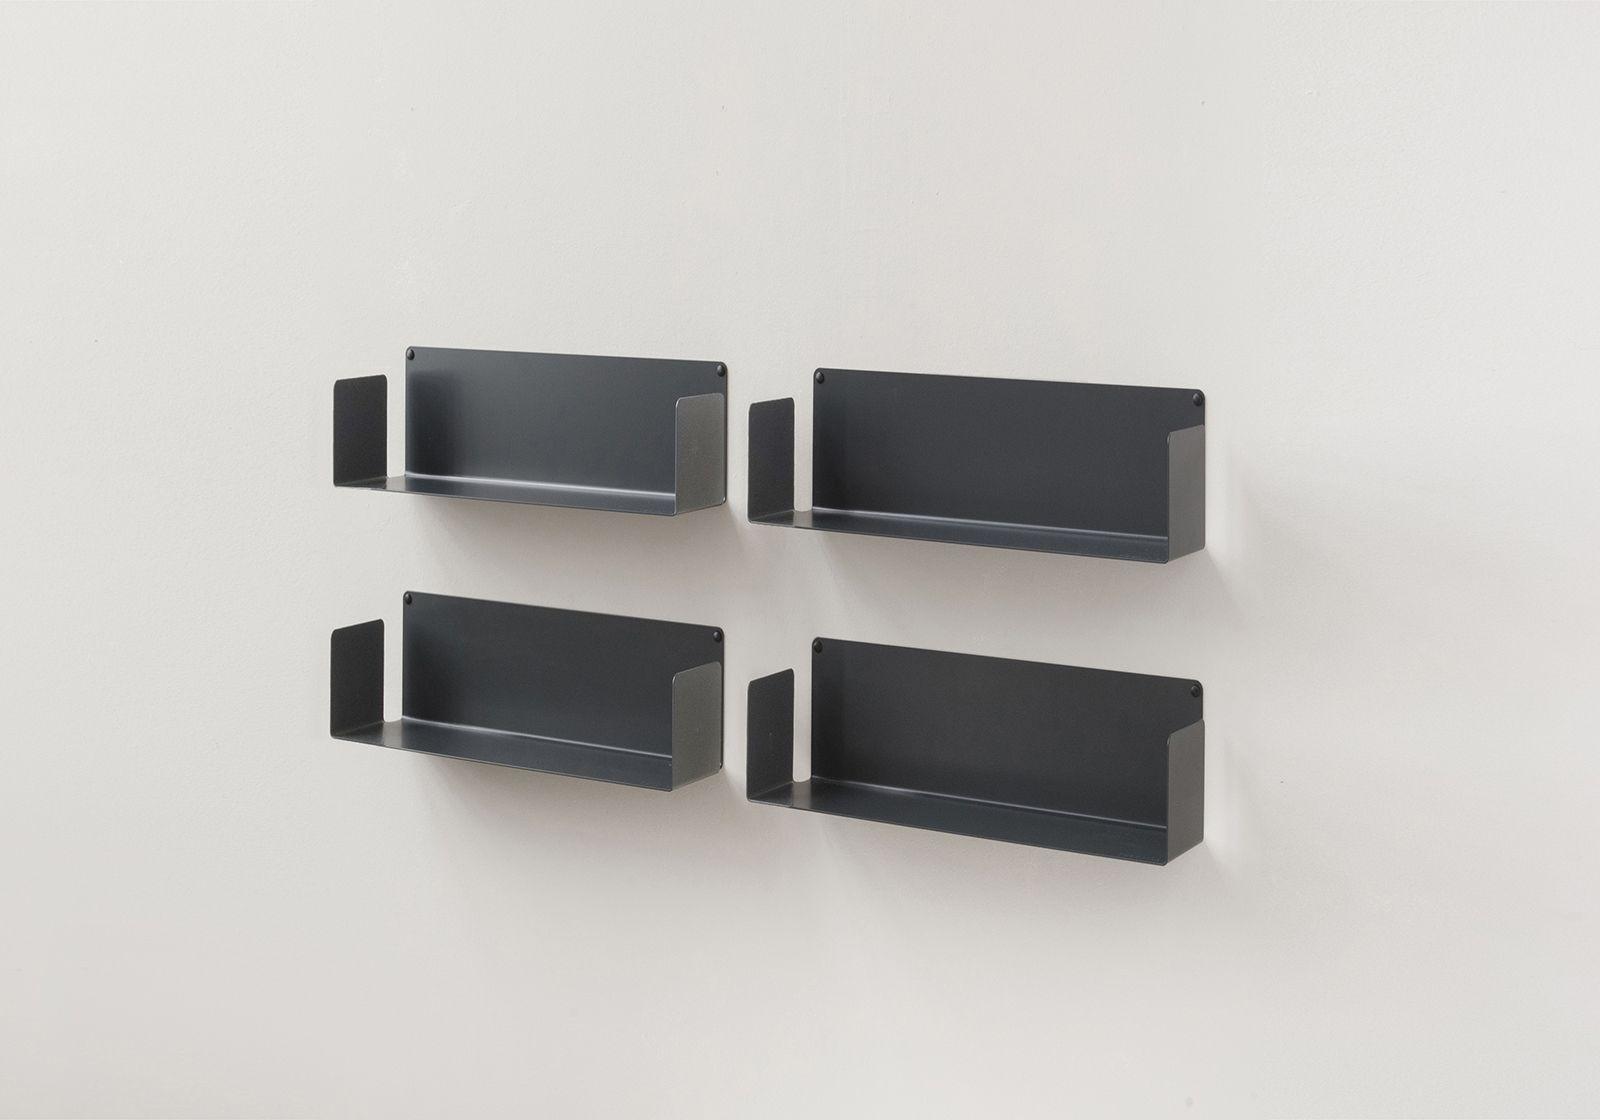 DVD shelves - Set of 4 USDVD